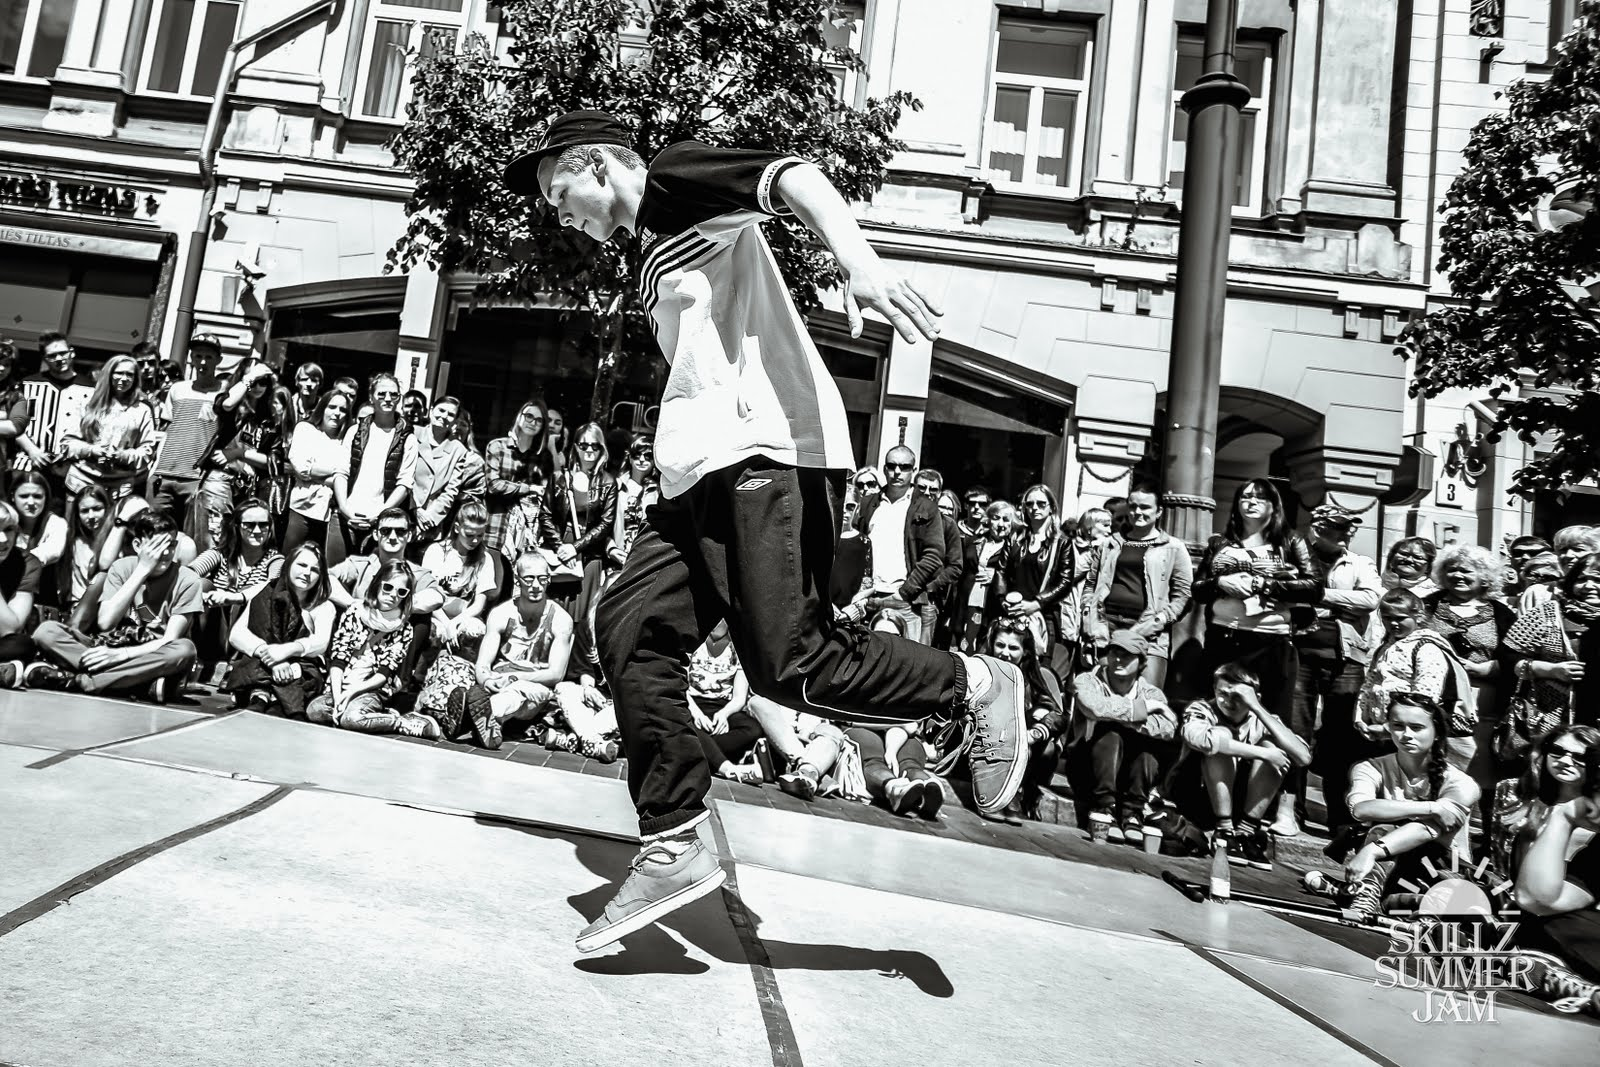 SKILLZ Summer Jam 2015 - IMG_6645.jpg